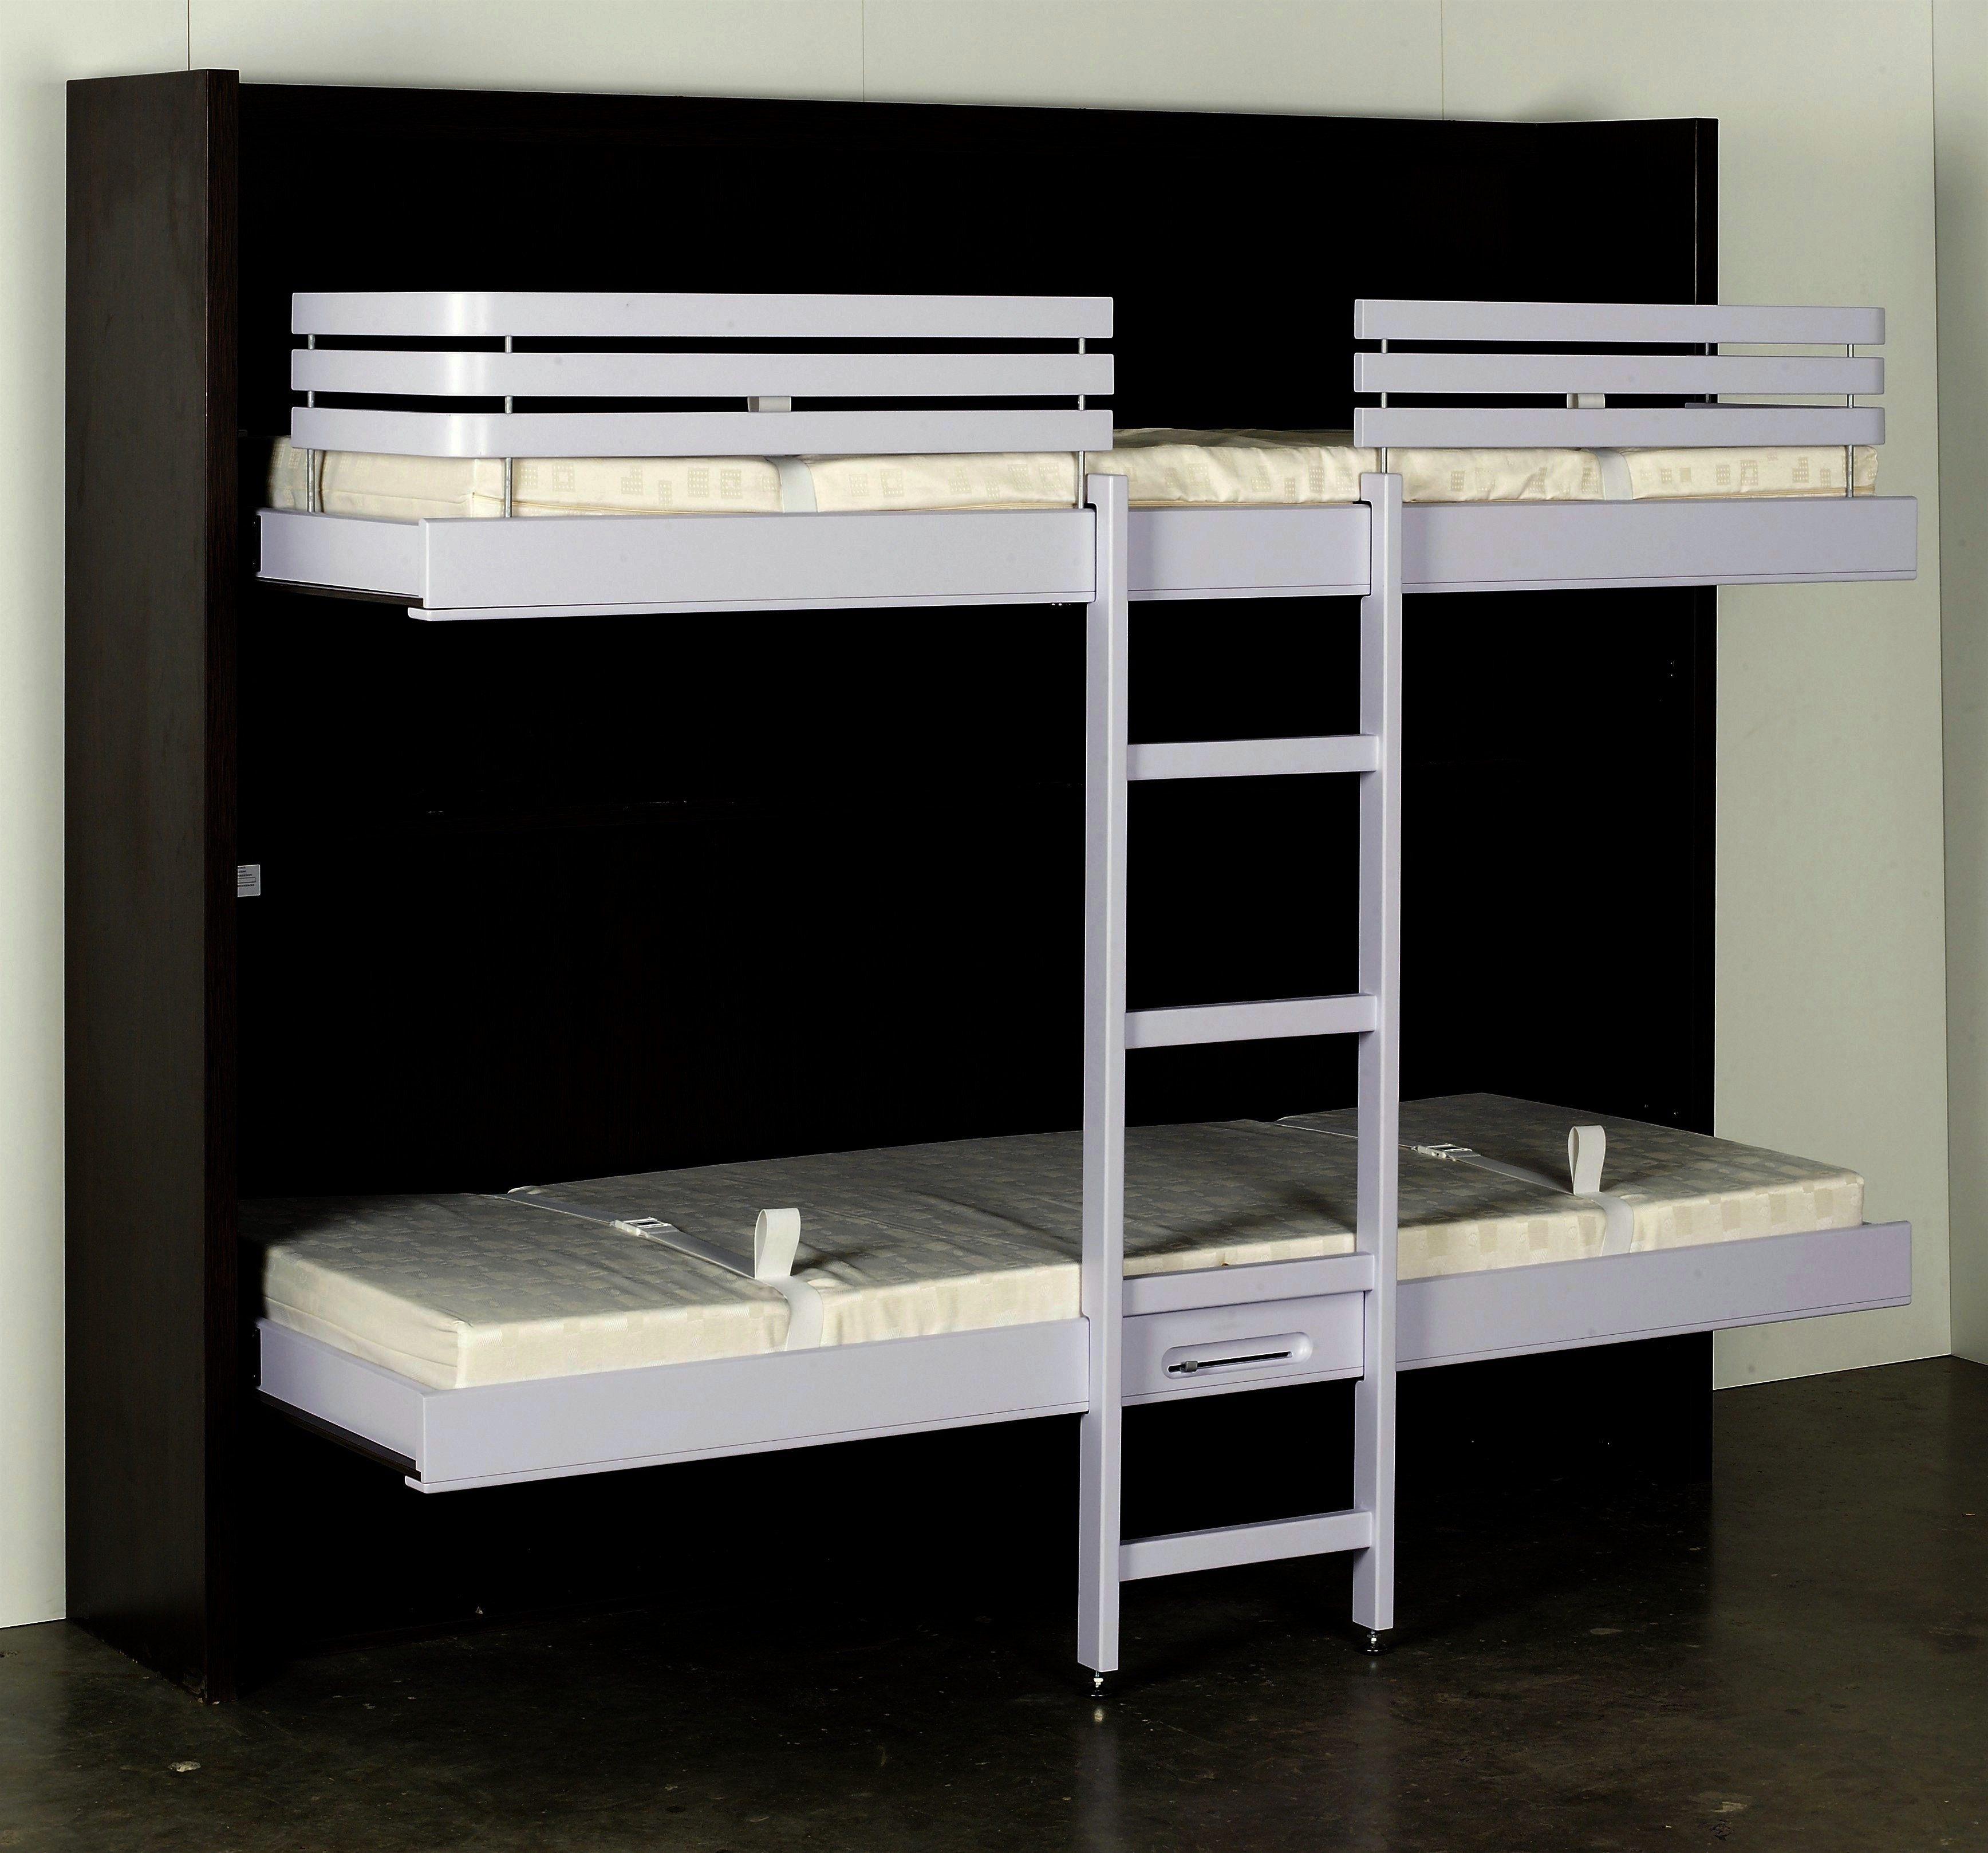 Lit Superposé Escamotable Ikea Fraîche Lit Biné Armoire Inspirational Armoire Lit Canap 28 Emeraude